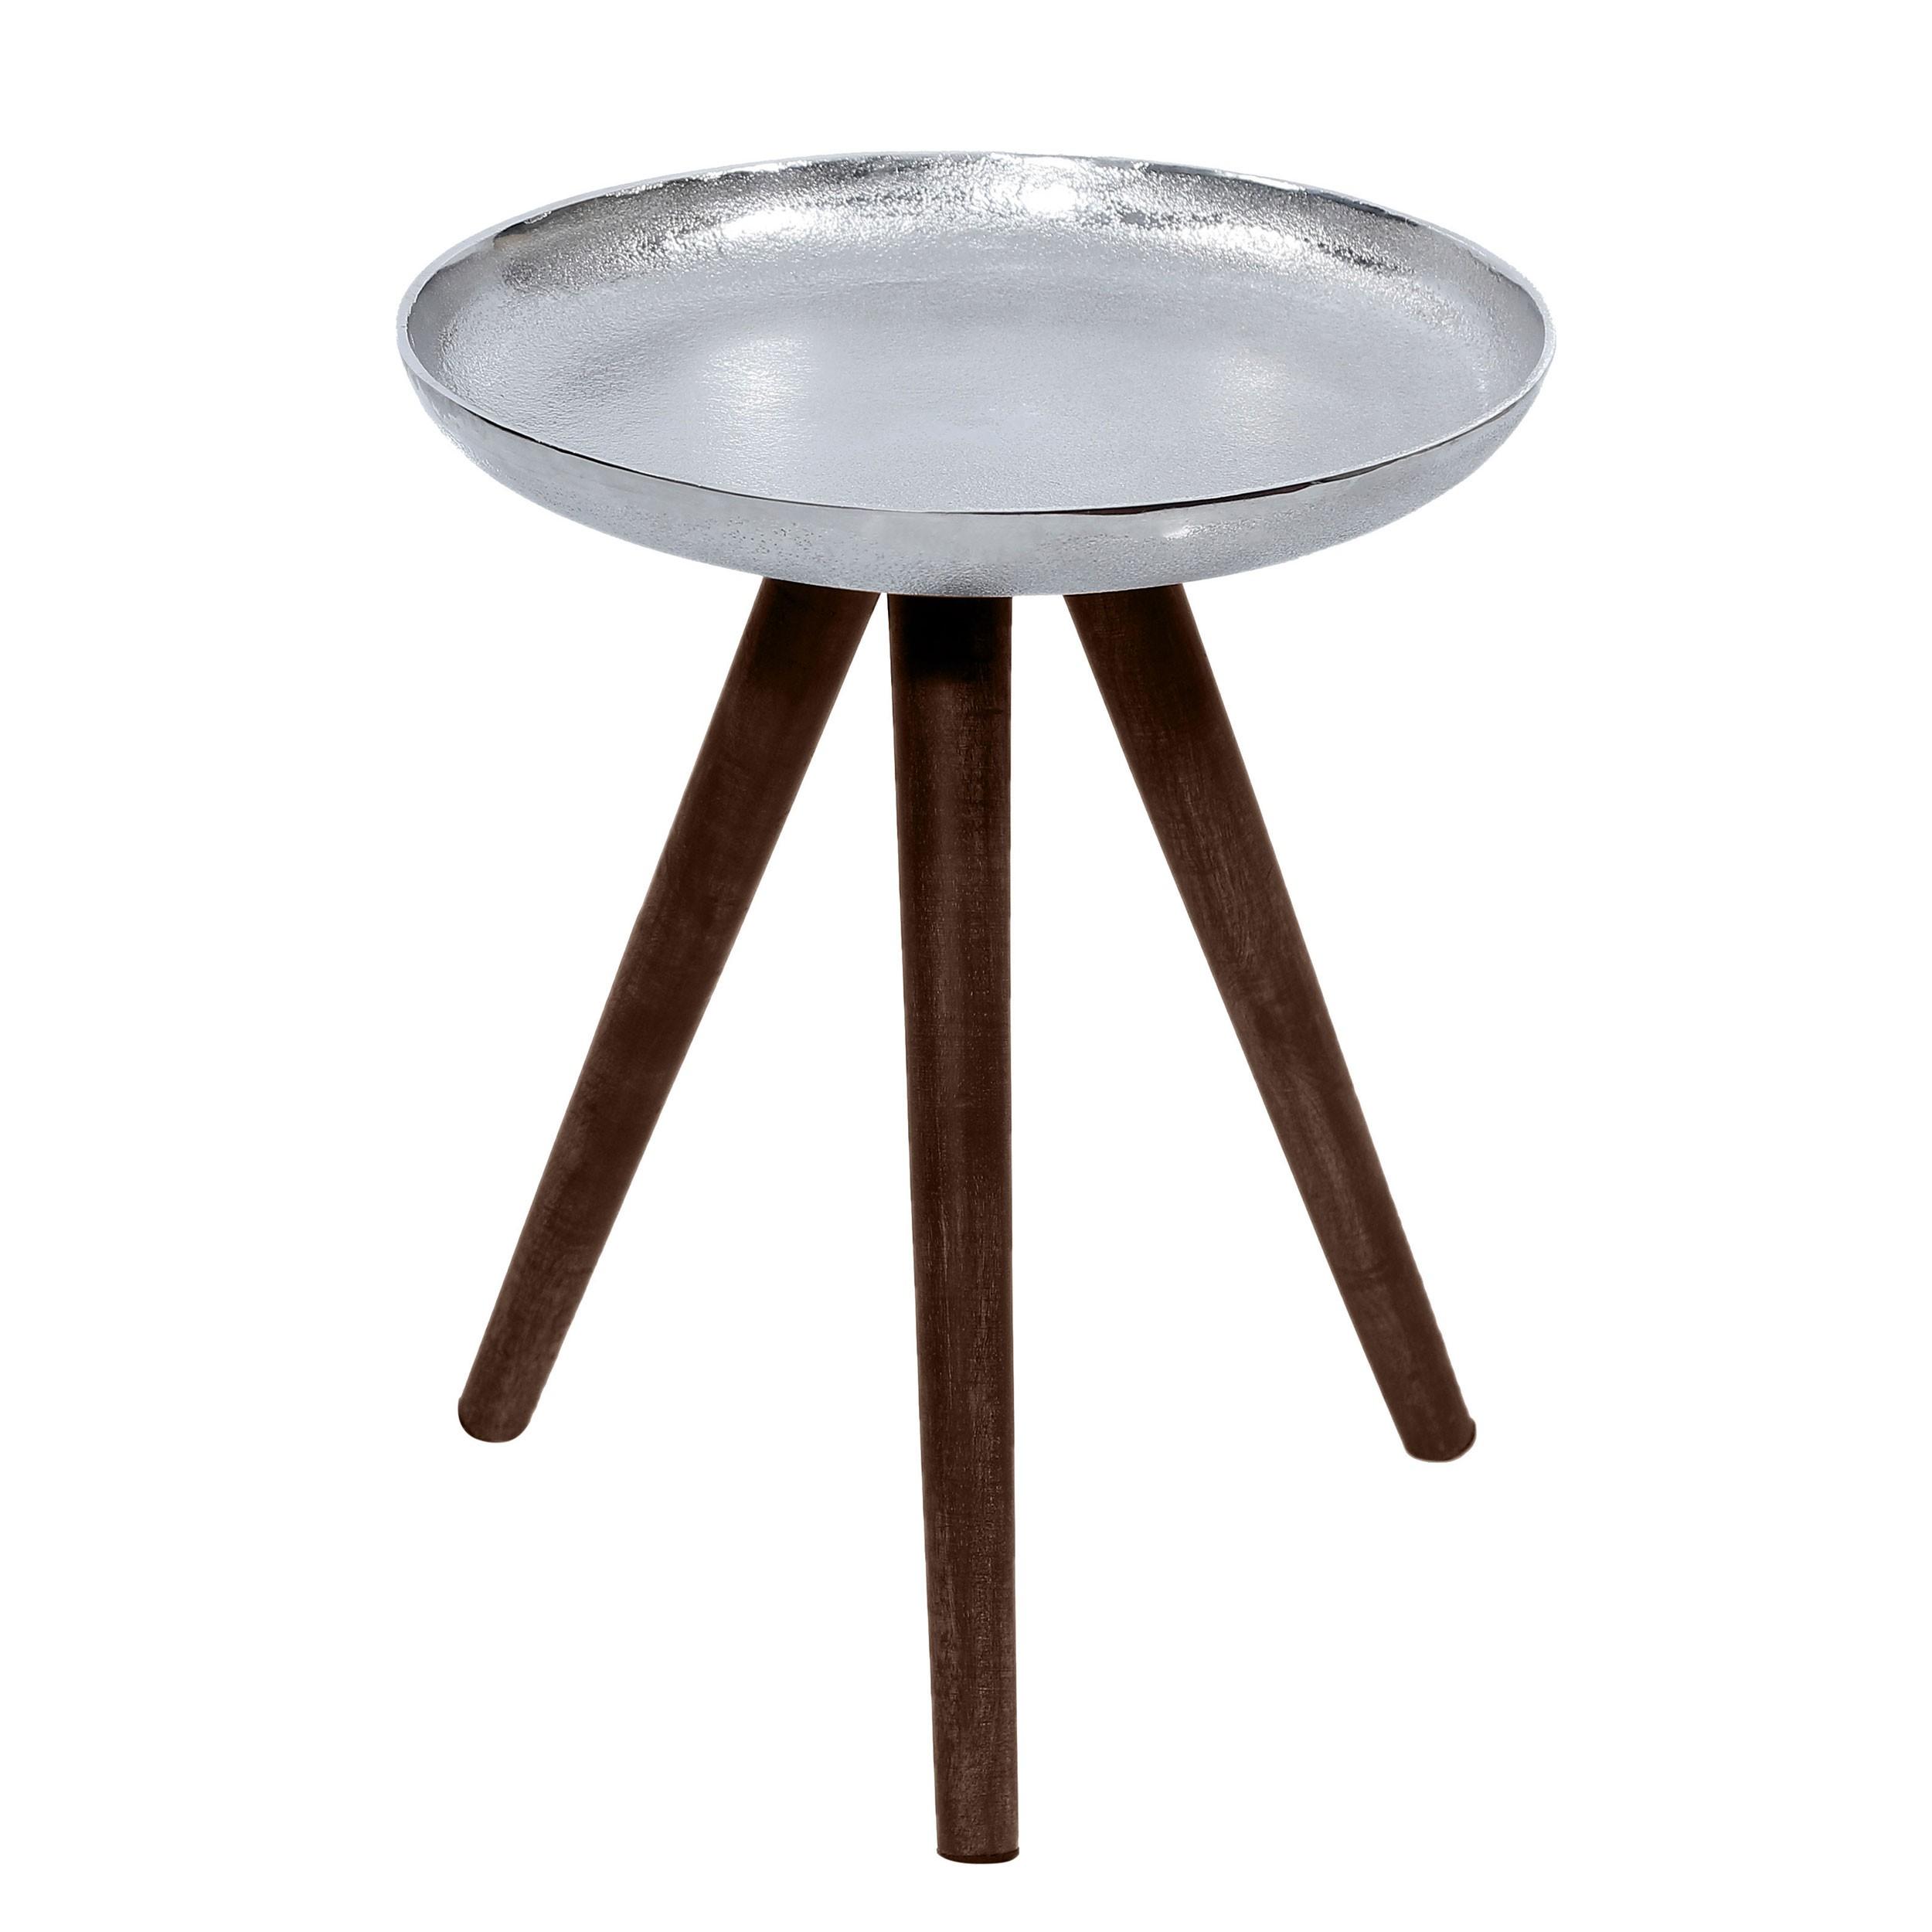 acheter table basse ronde chrome